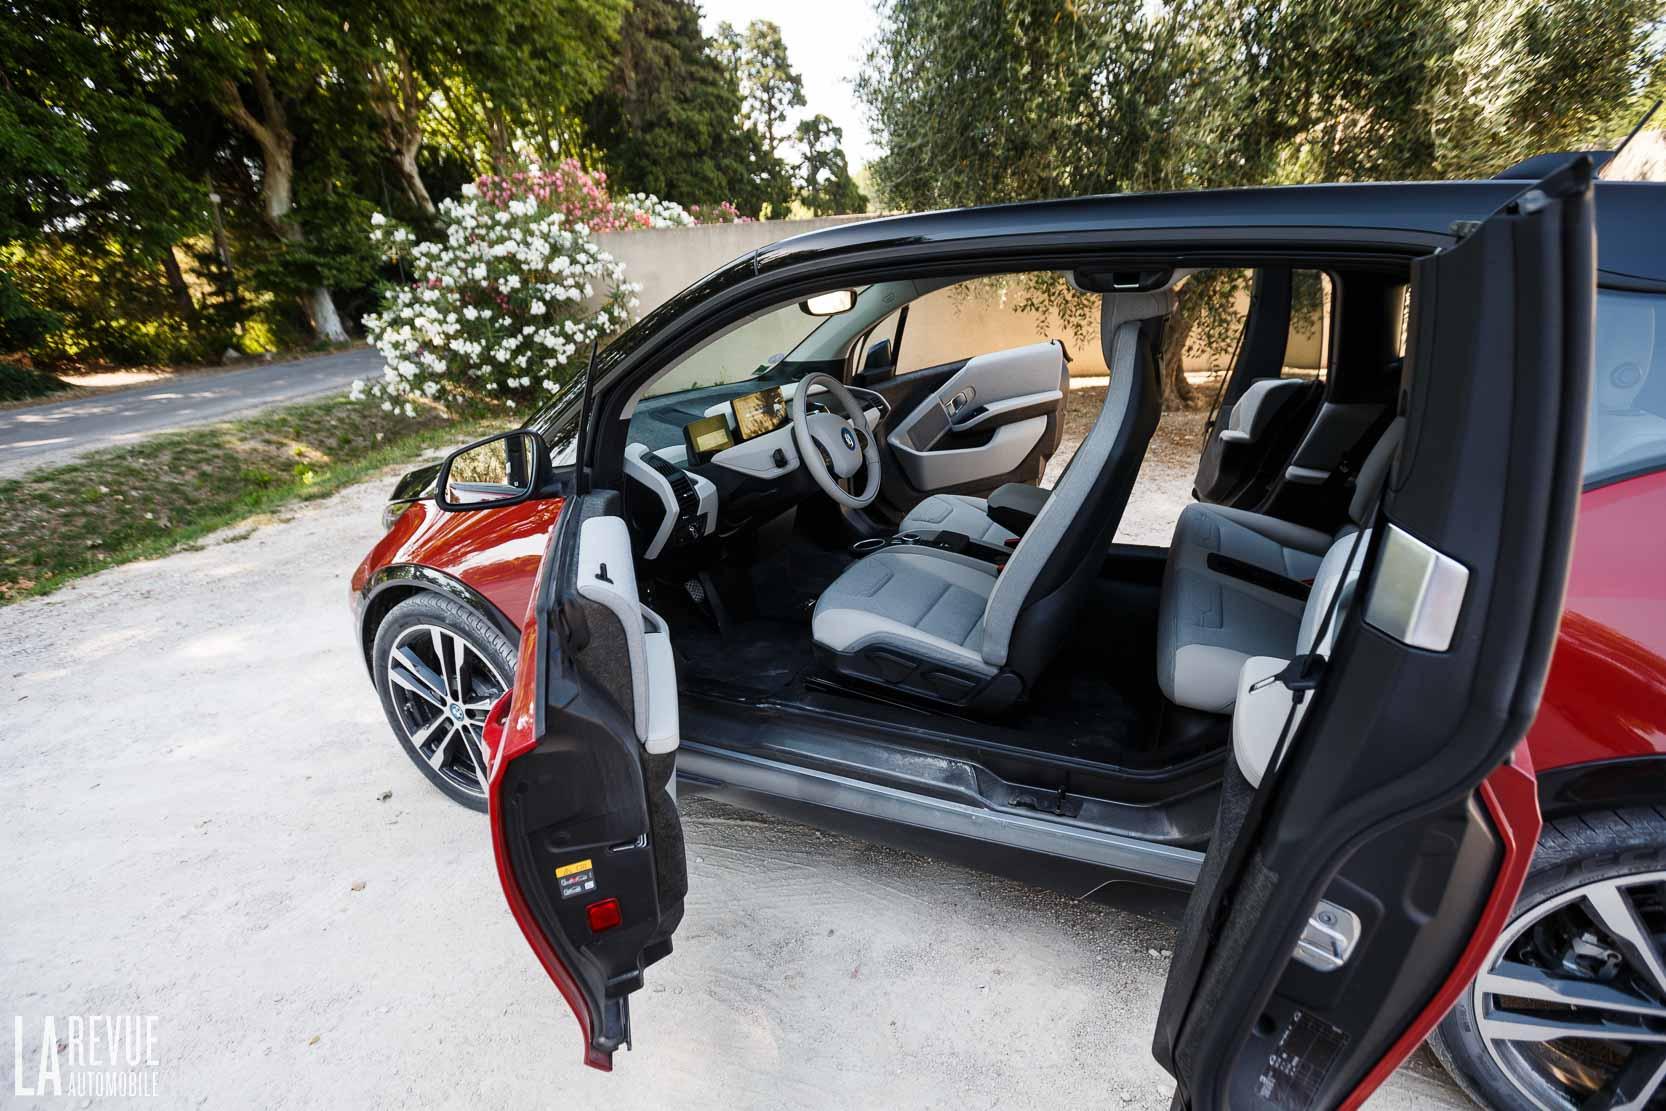 Interieur de la BMW i3s, une voiture électrique